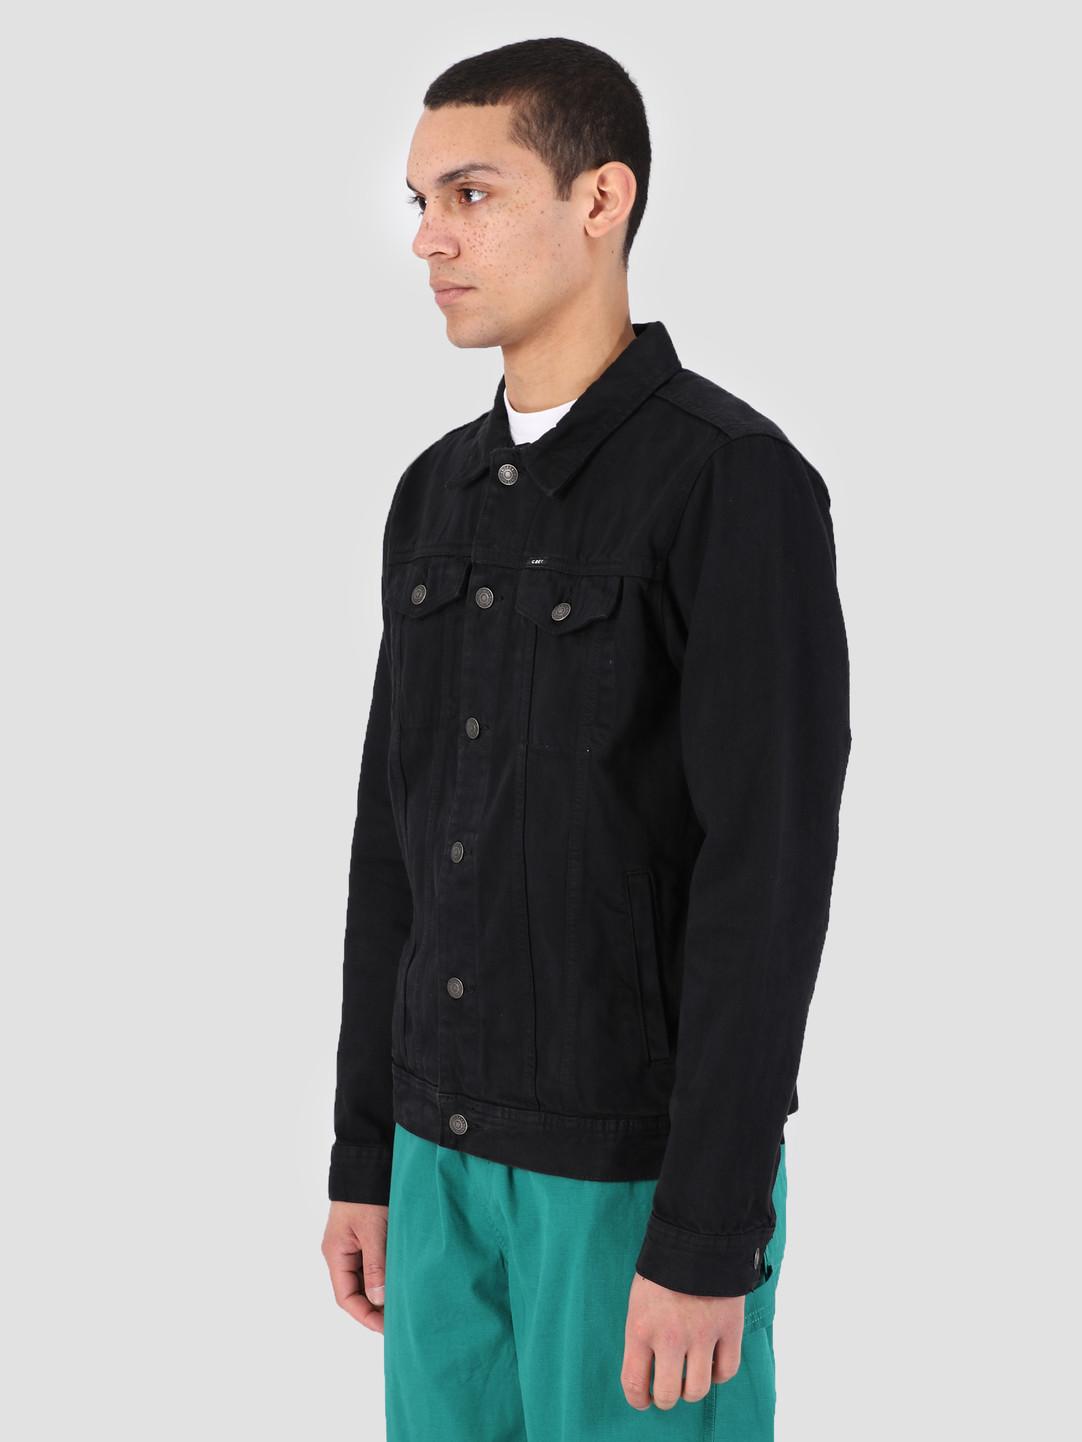 Obey Obey New Reality Denim Jacket DBA 121800367